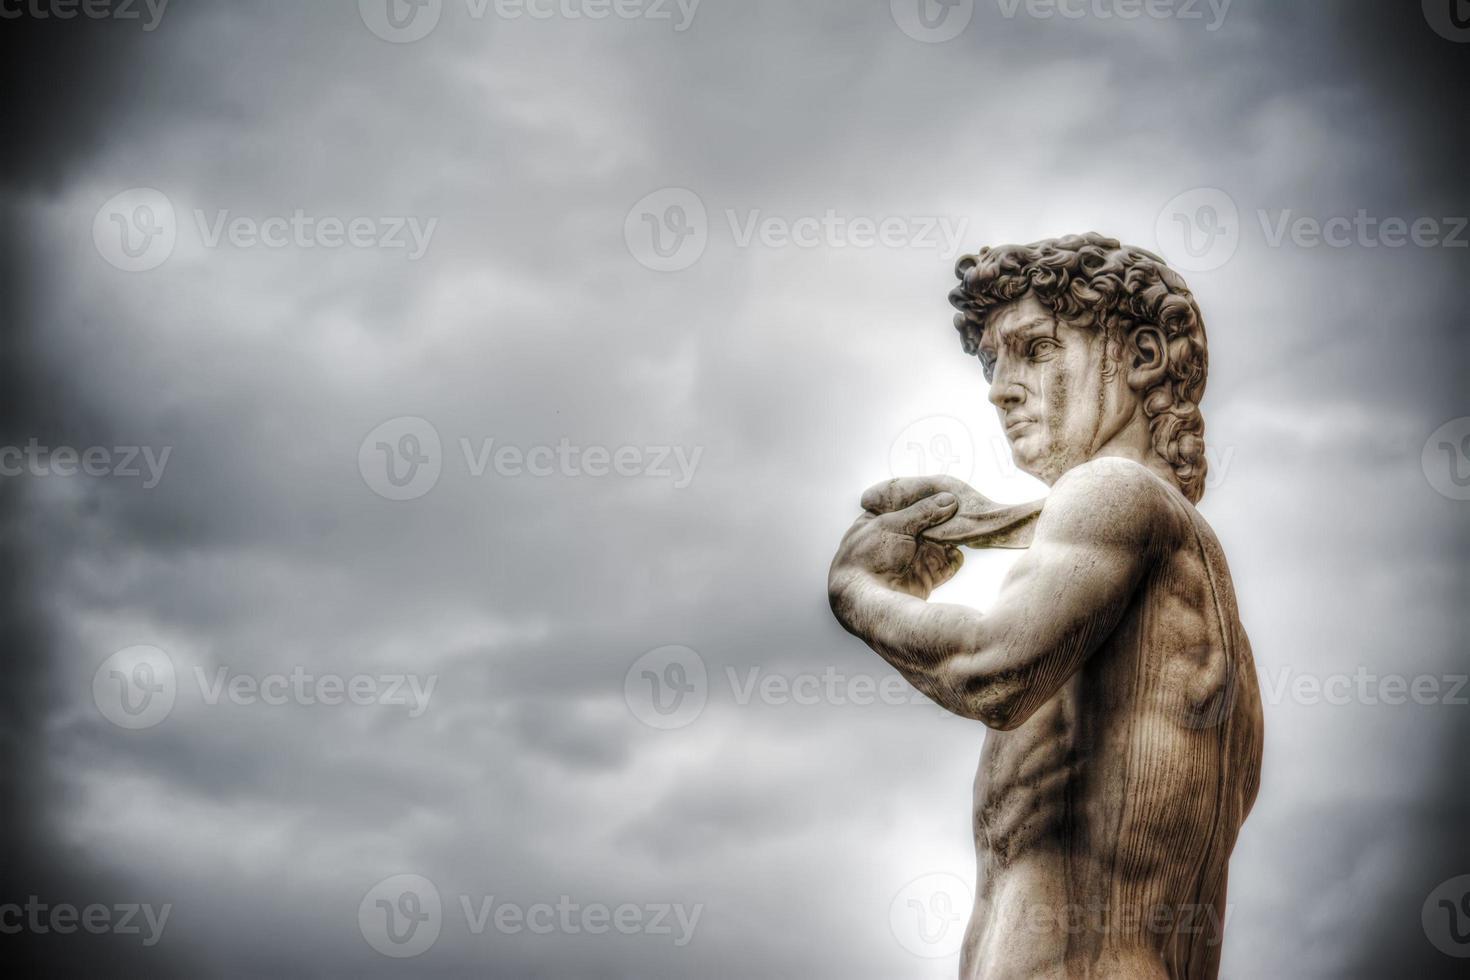 David de miguel ángel bajo un cielo nublado foto